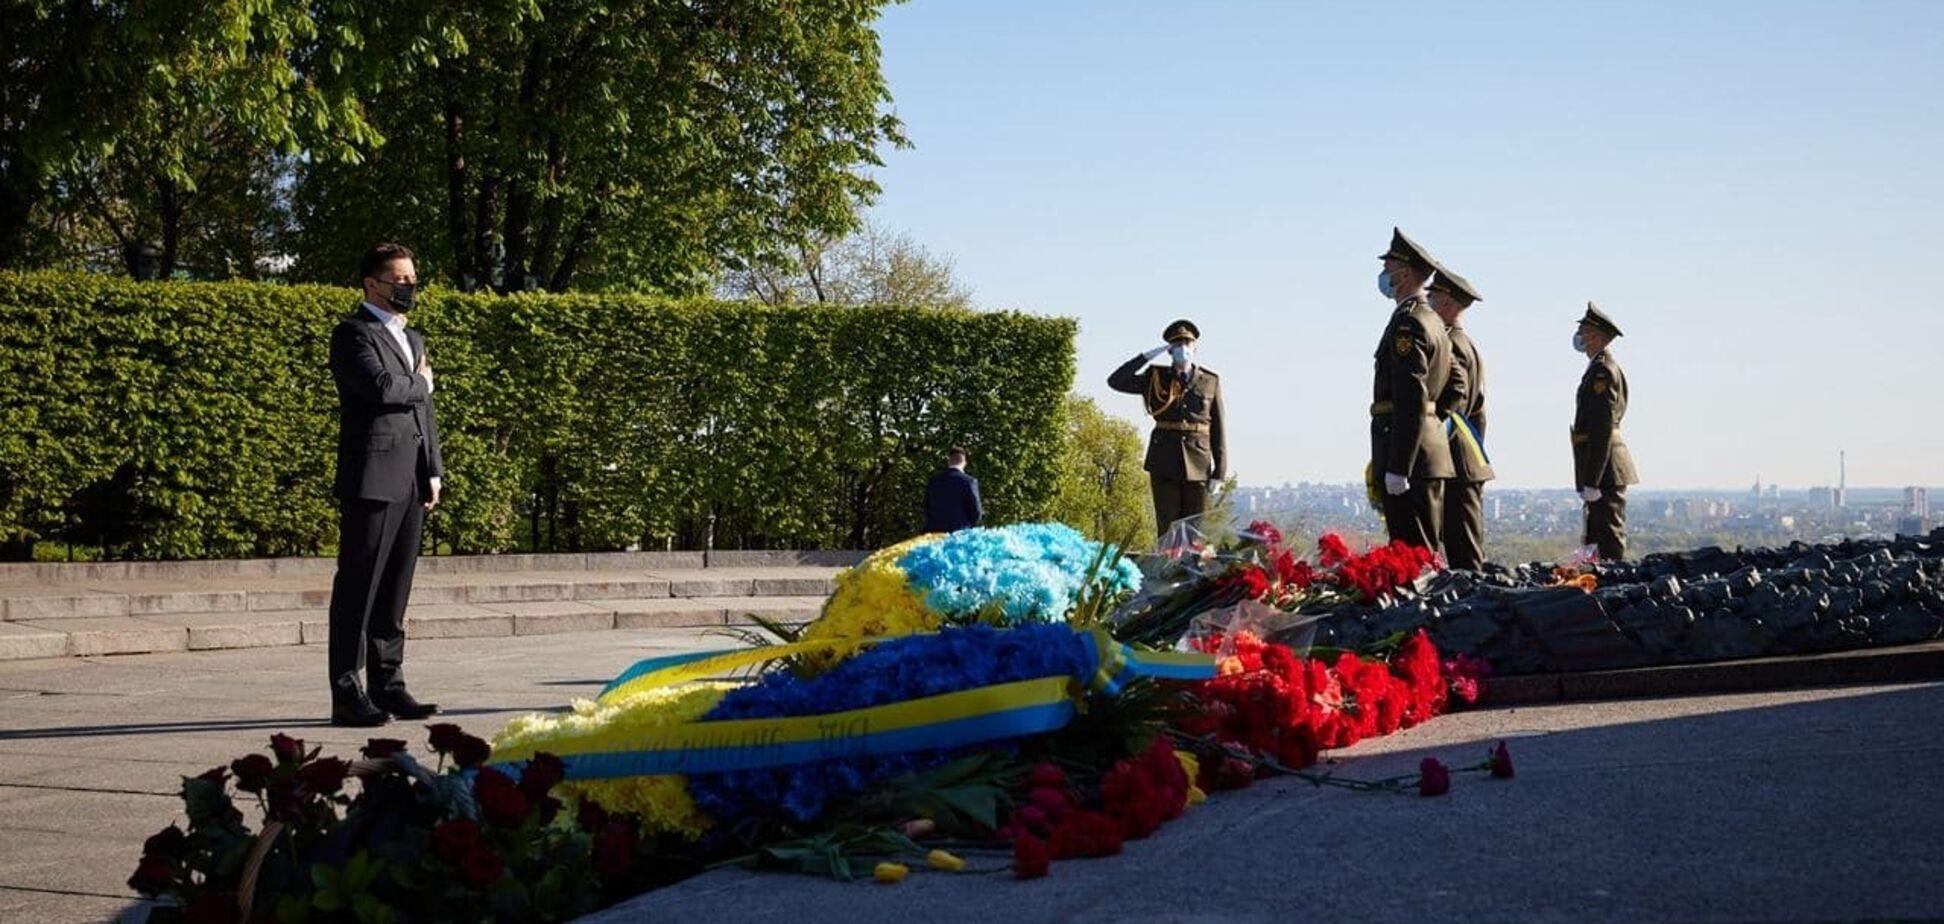 Зеленський поклав квіти до могили Невідомого солдата в Києві. Відео